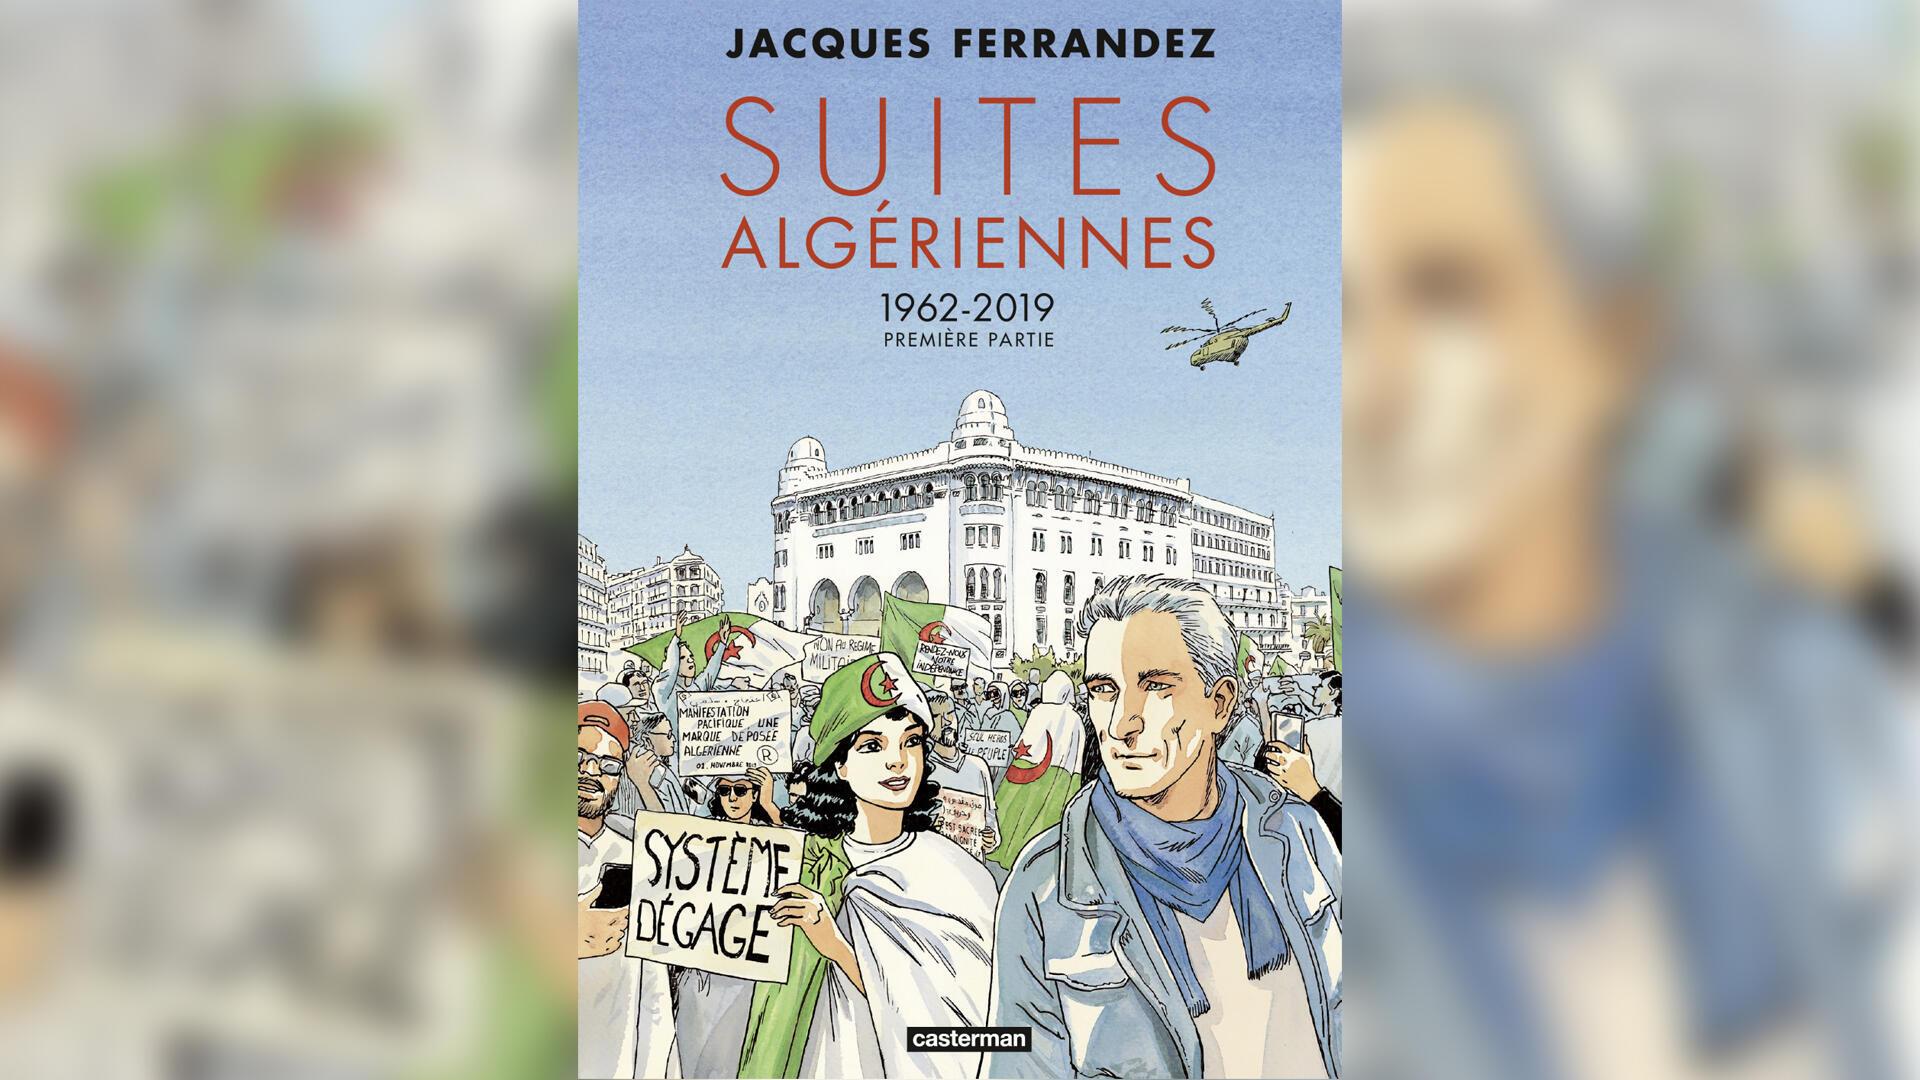 couverture bande dessinée Suites algériennes _ Jacques Ferrandez - Orient hebdo